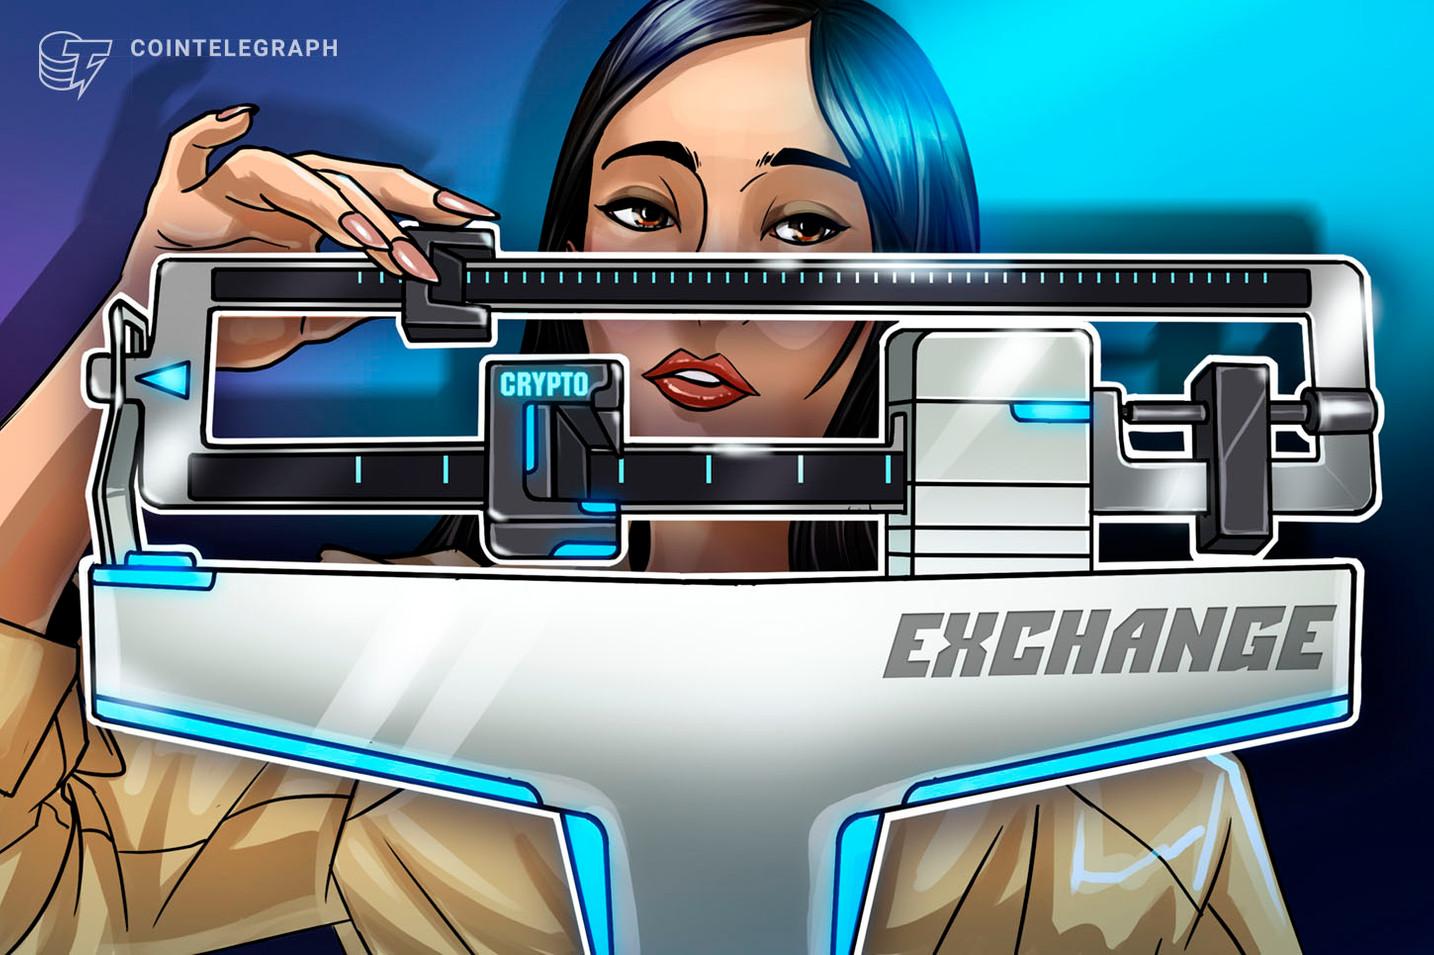 Una oferta inicial de exchange (IEO) genera sospechas por sus planes de venta tokens antes de lanzarlos